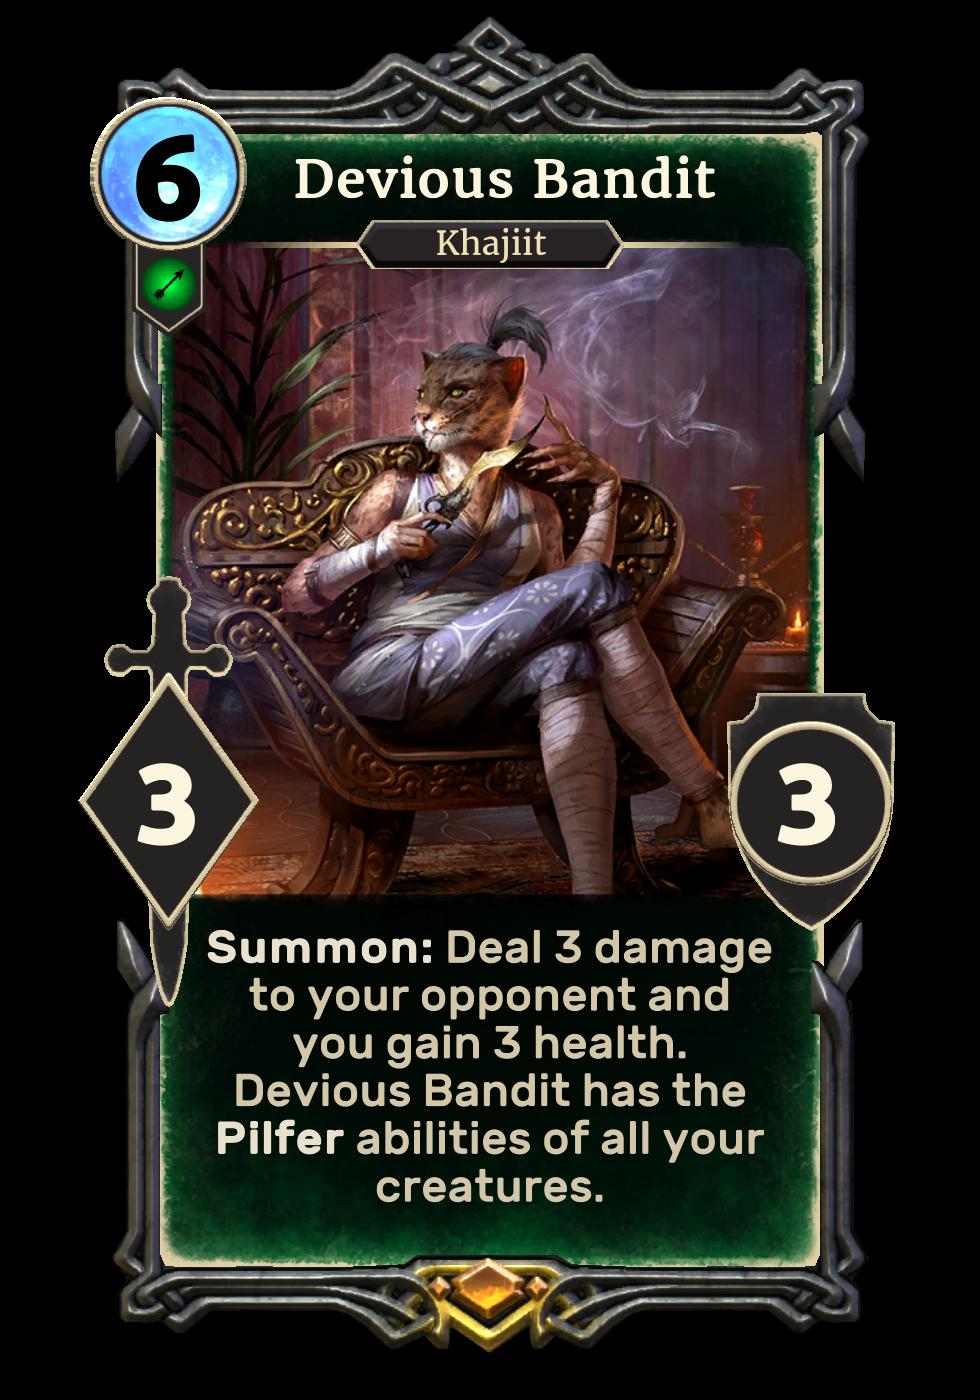 Devious Bandit